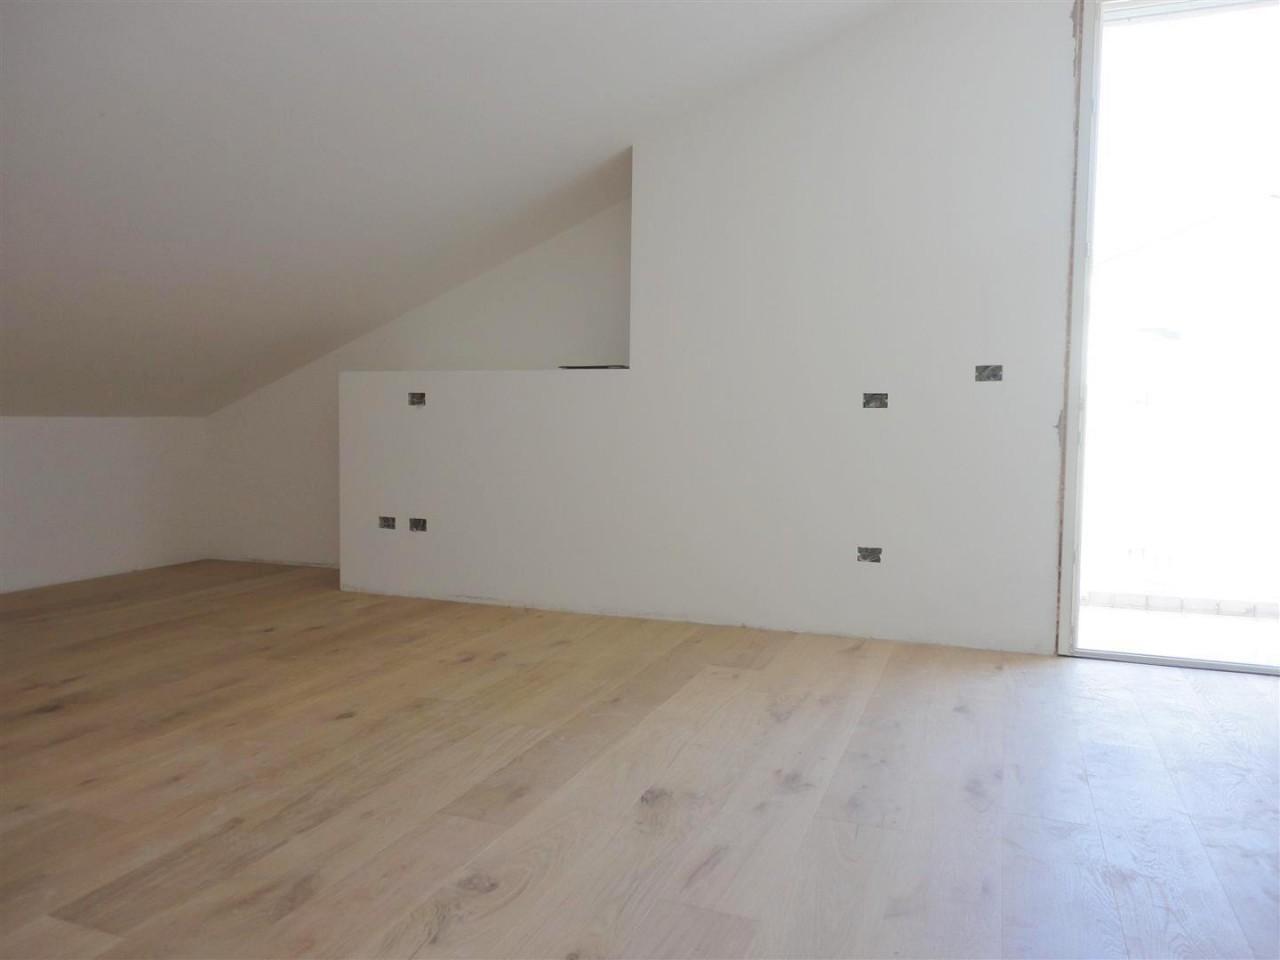 D278 Nuovo appartamento tricamere su due livelli in vendita ad Albignasego https://media.gestionaleimmobiliare.it/foto/annunci/190917/2070775/1280x1280/010__11_camera.jpg